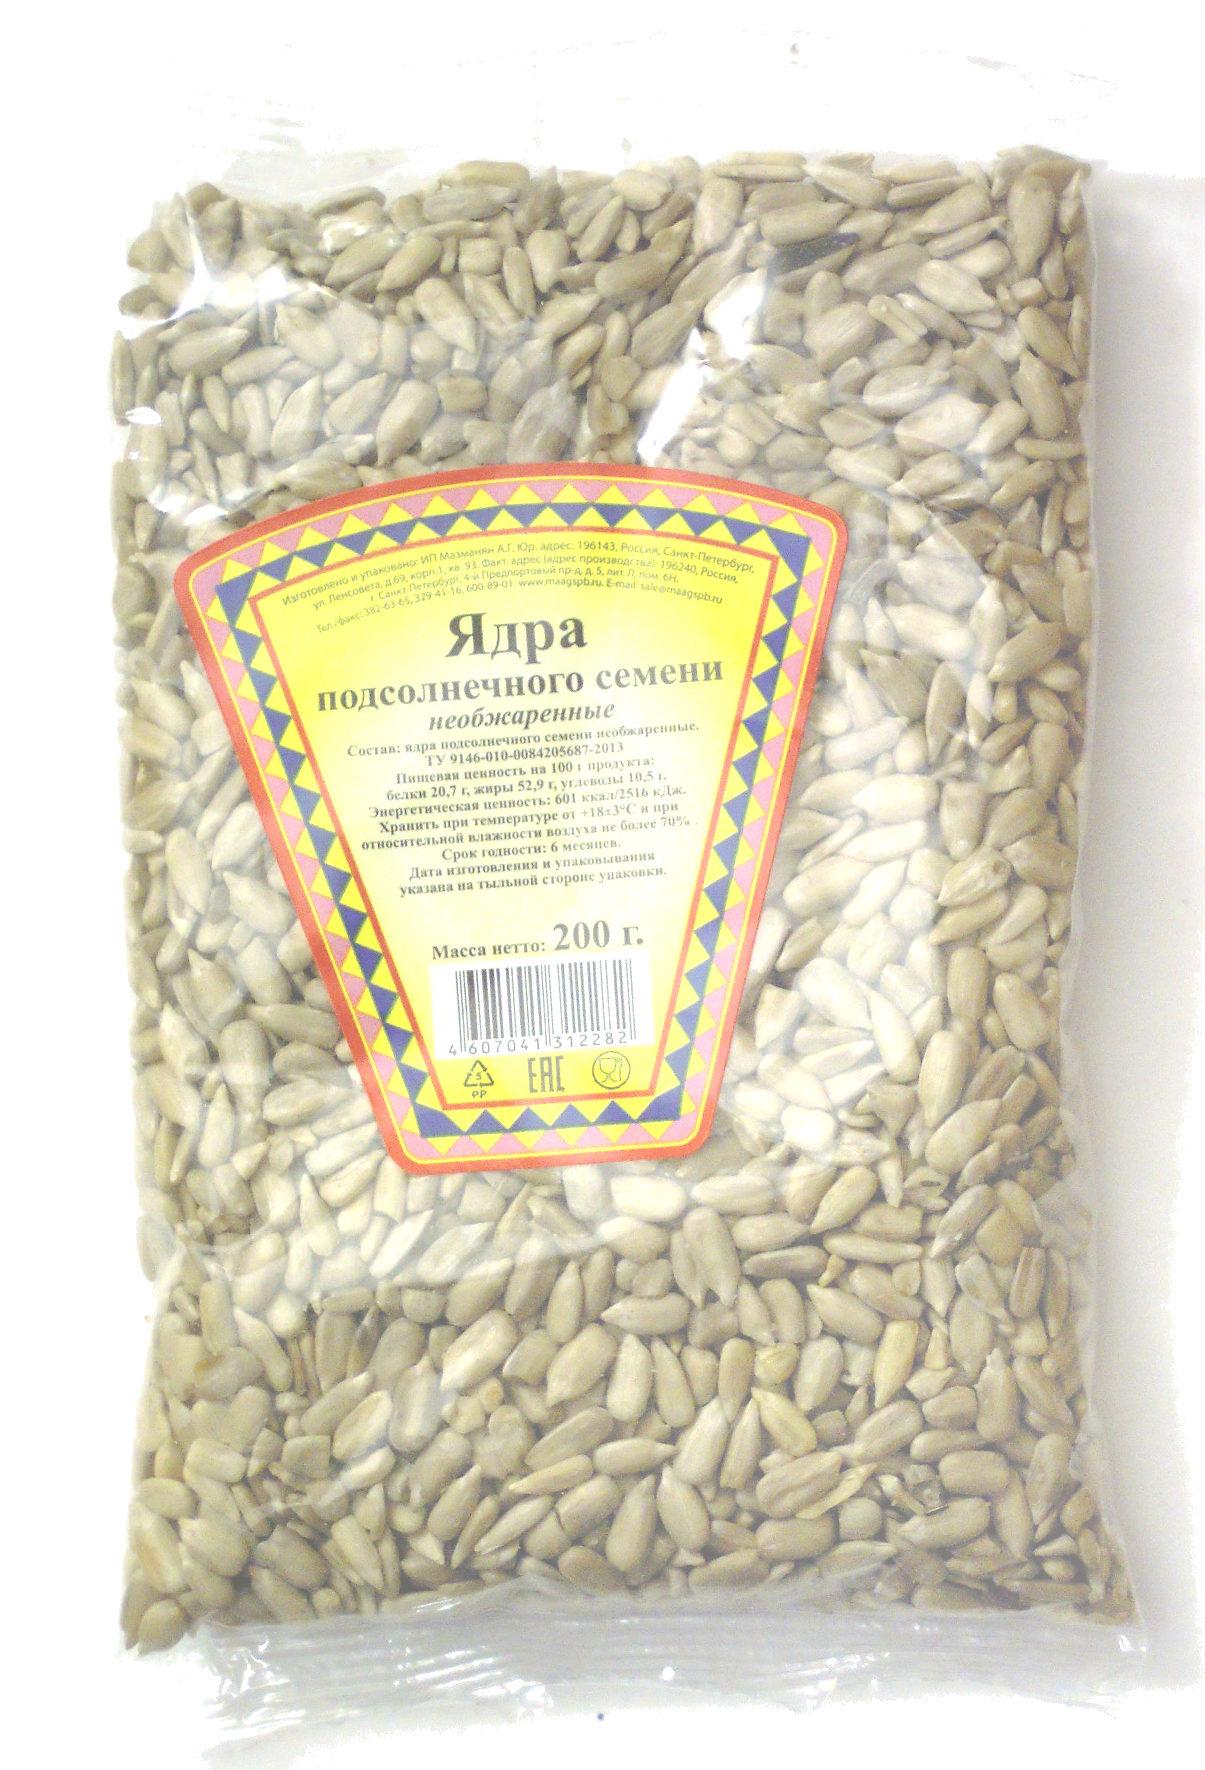 Ядра подсолнечного семени необжаренные - Продукт